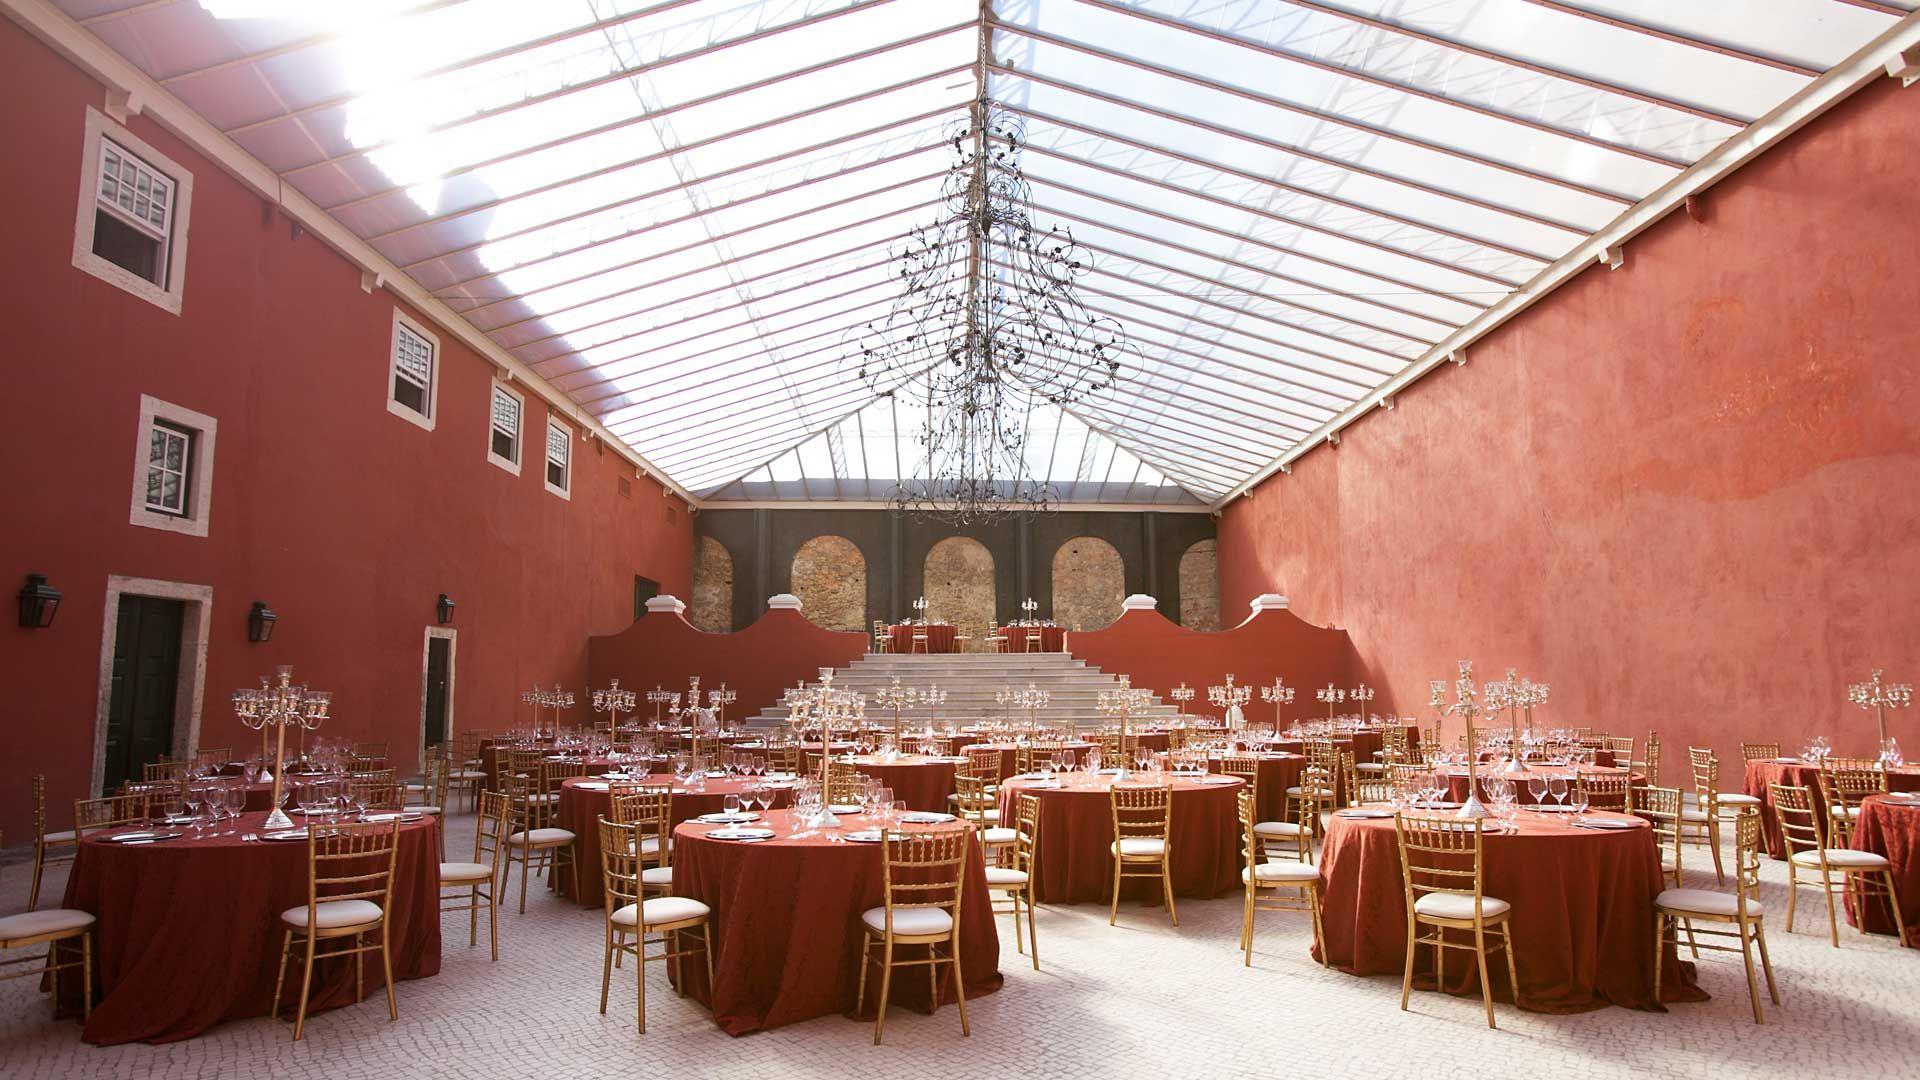 Palácio De Xabregas Google Search Wedding Venues Reception